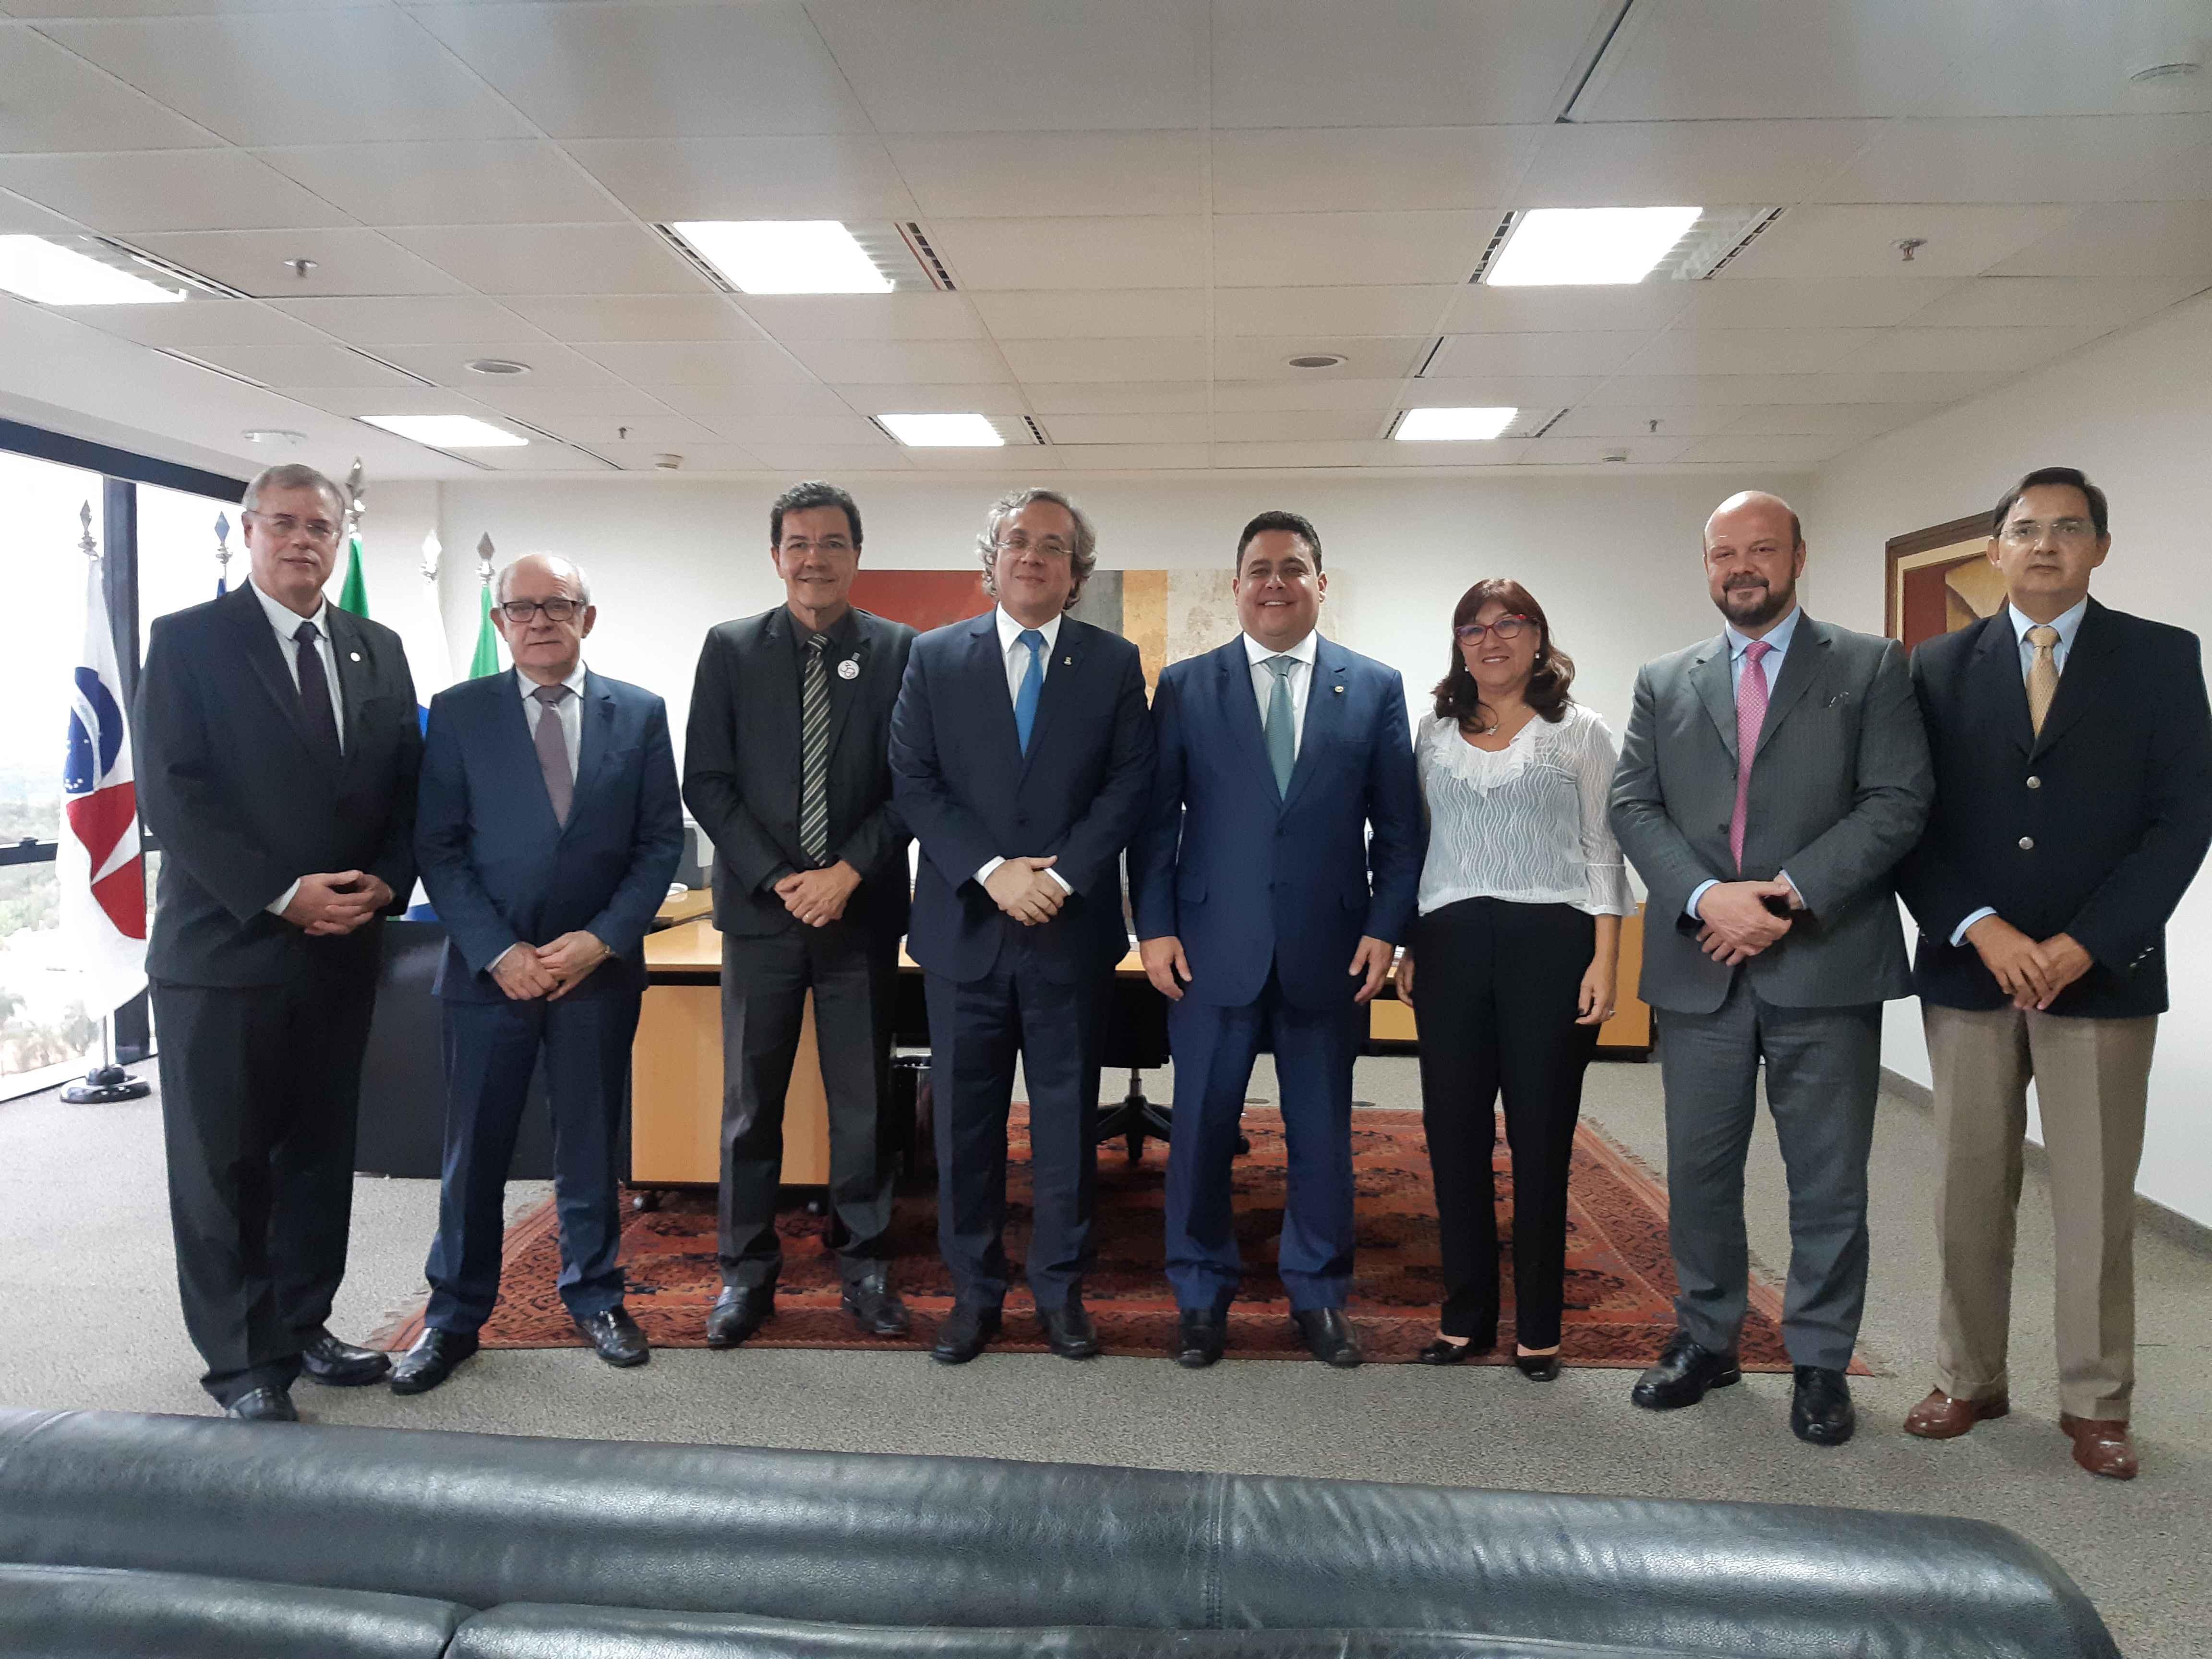 Dirigentes da OAB e da Andifes que instalaram a comissão